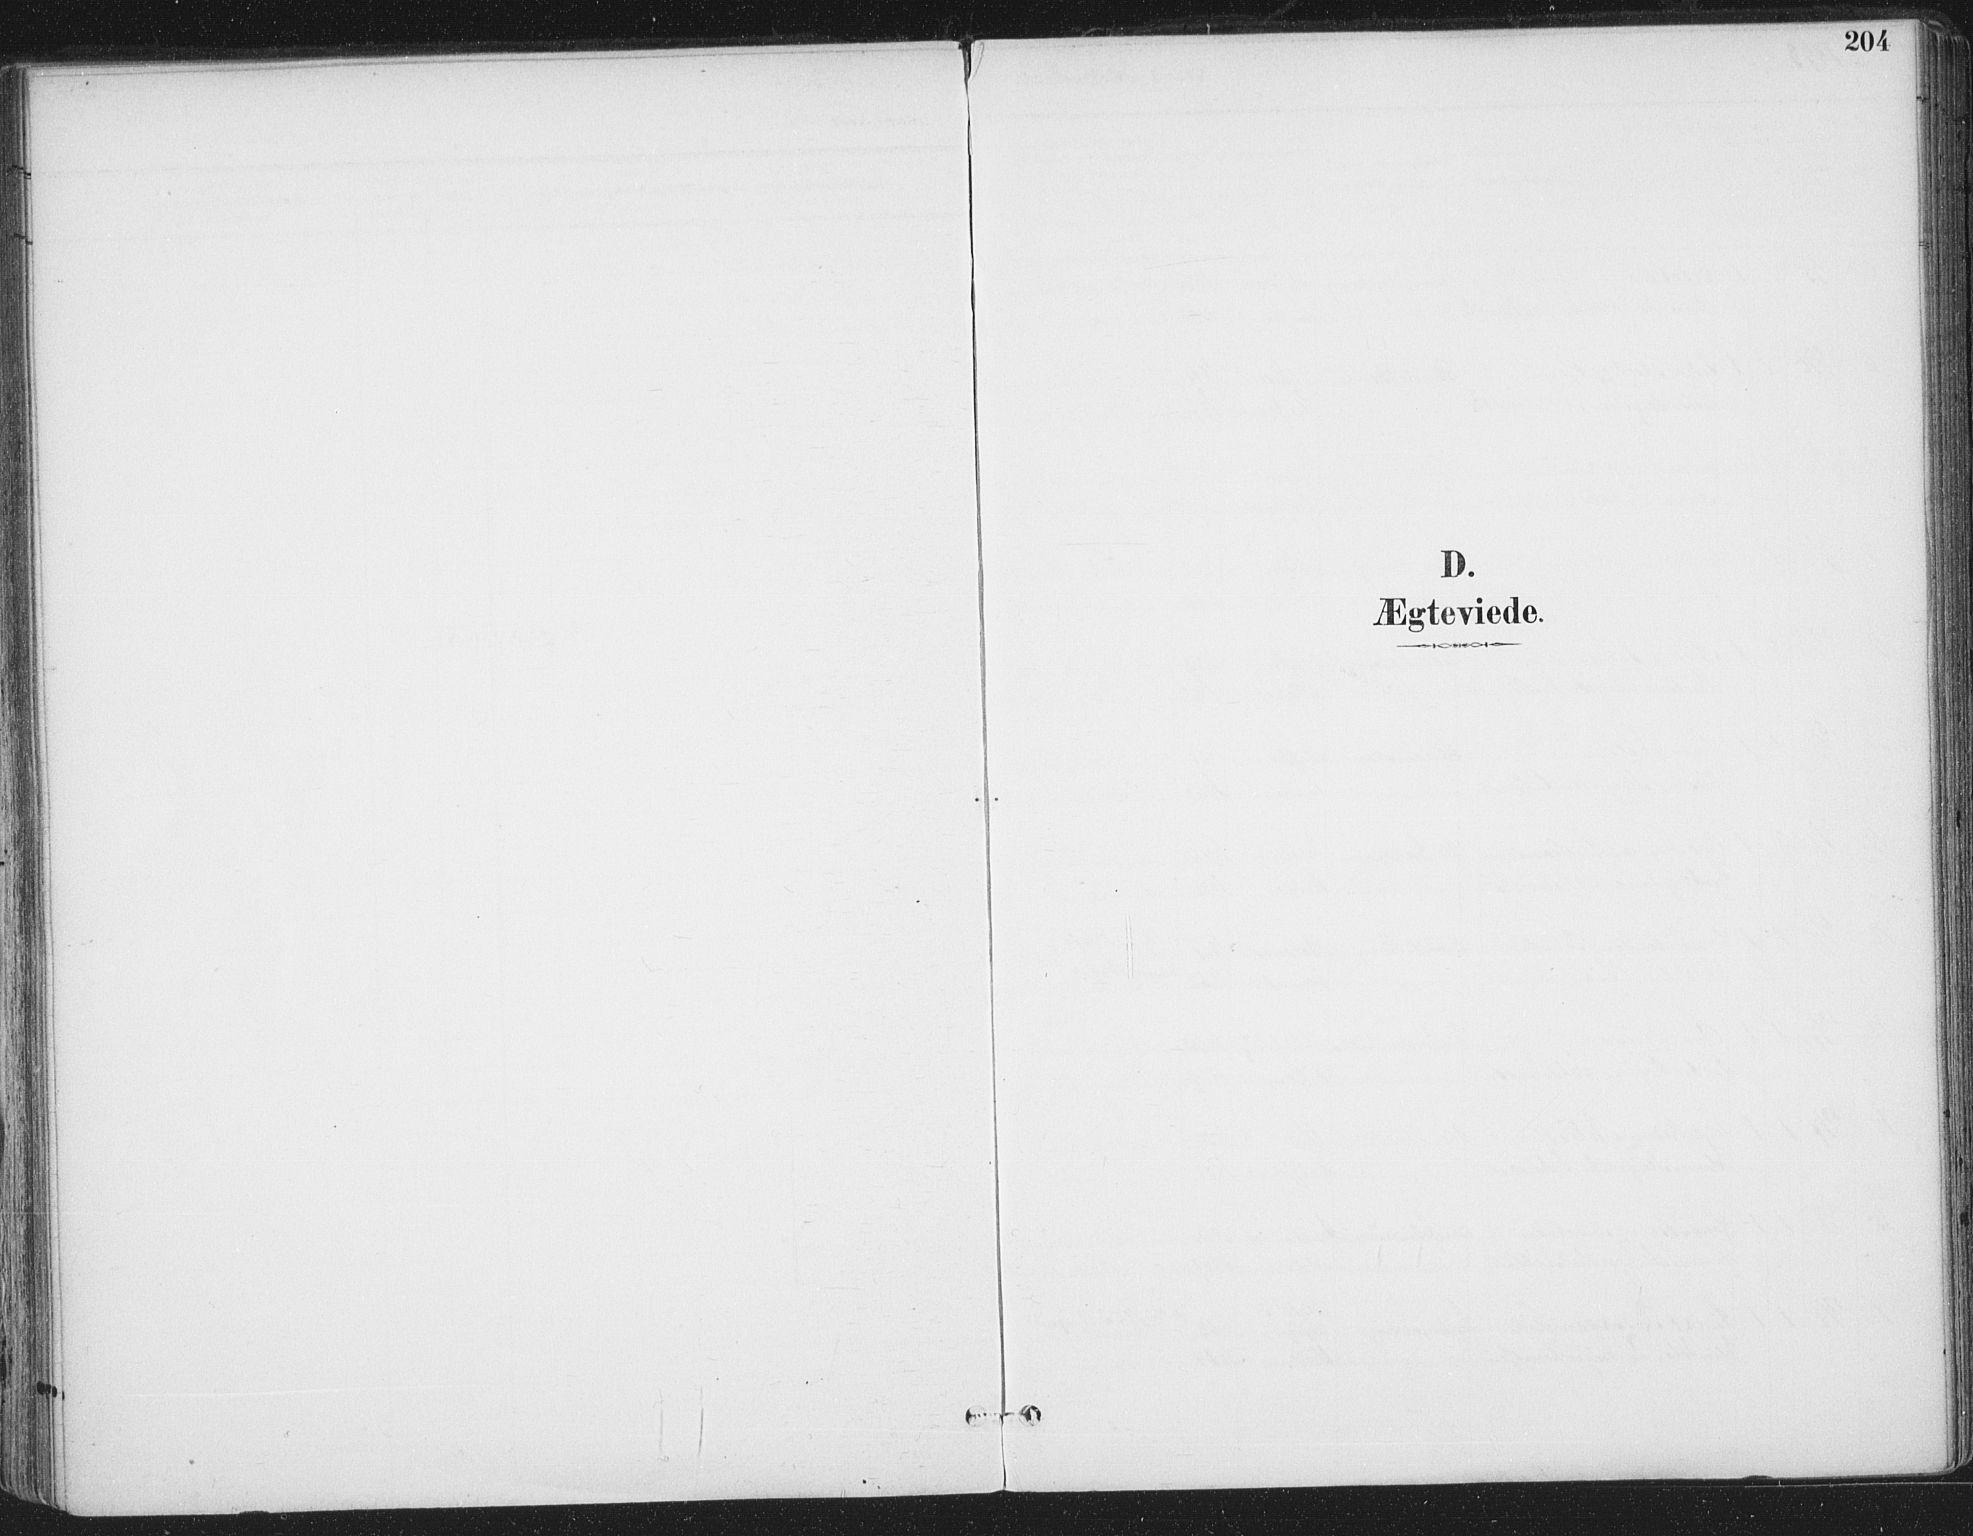 SAT, Ministerialprotokoller, klokkerbøker og fødselsregistre - Sør-Trøndelag, 659/L0743: Ministerialbok nr. 659A13, 1893-1910, s. 204